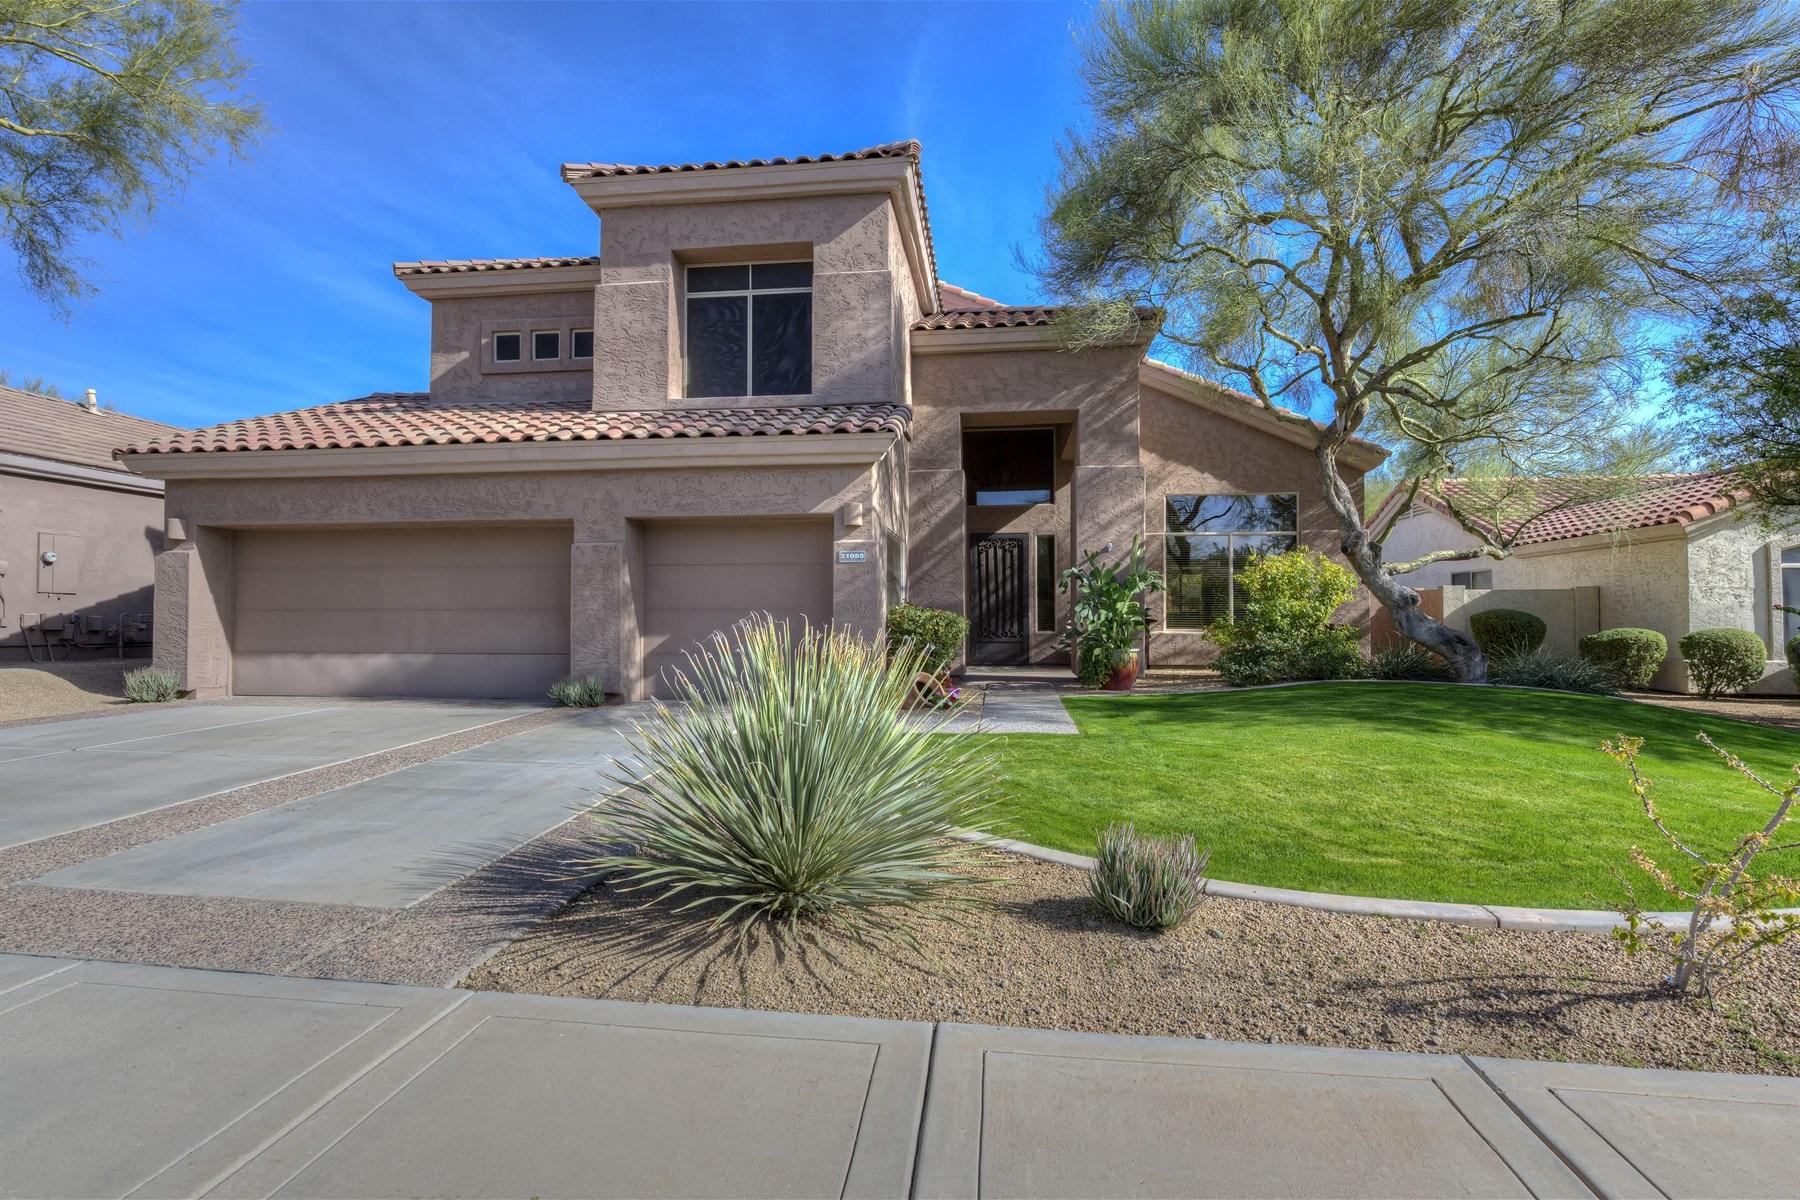 Casa para uma família para Venda às Highly upgraded home in Grayhawk 21055 N 73rd Pl Scottsdale, Arizona 85255 Estados Unidos